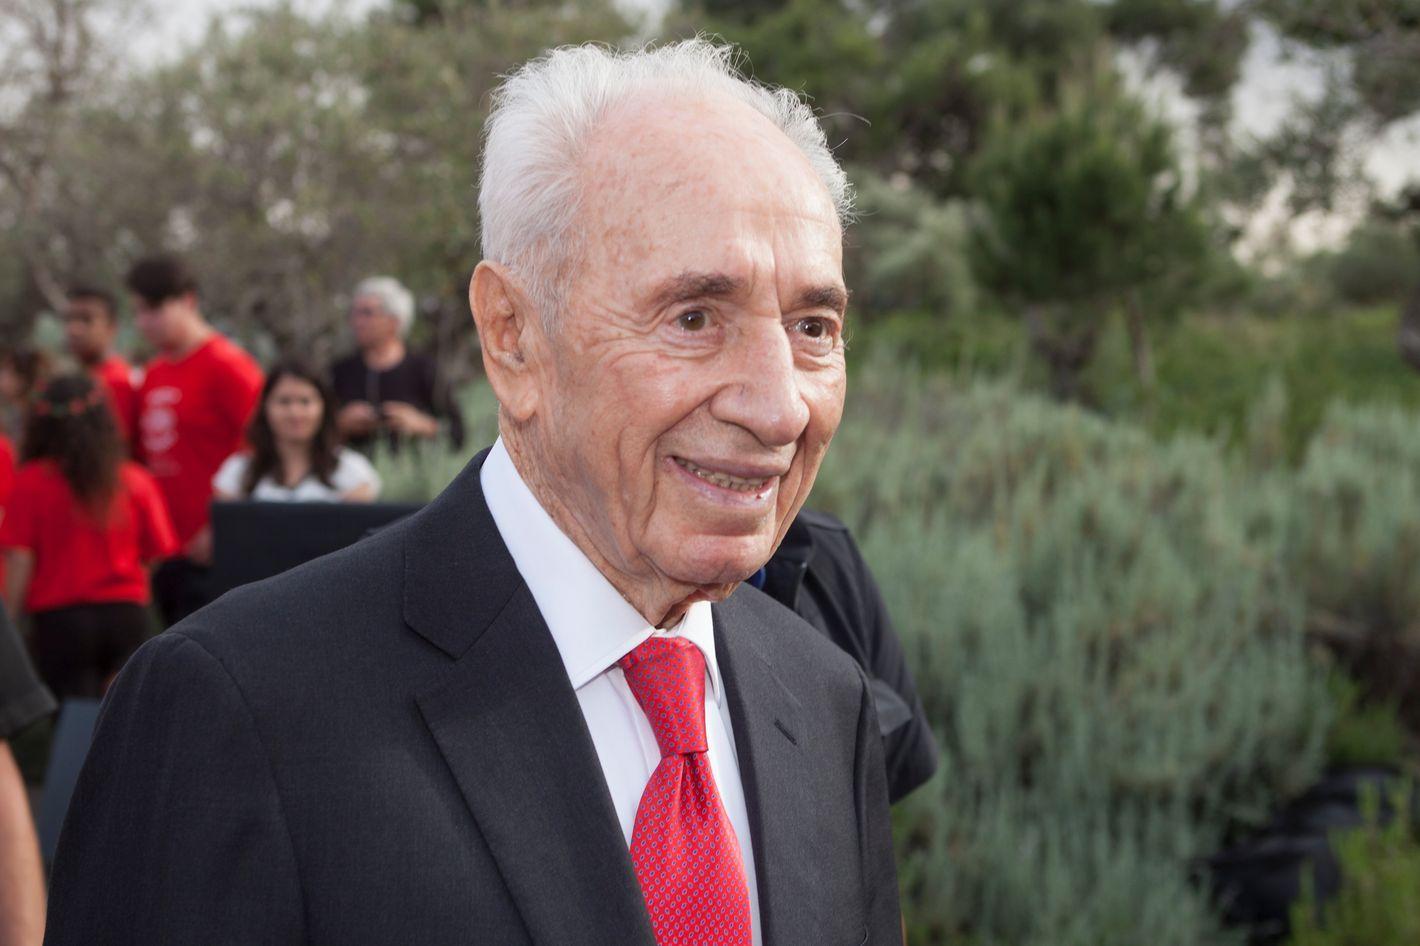 Israel's former President Peres dies